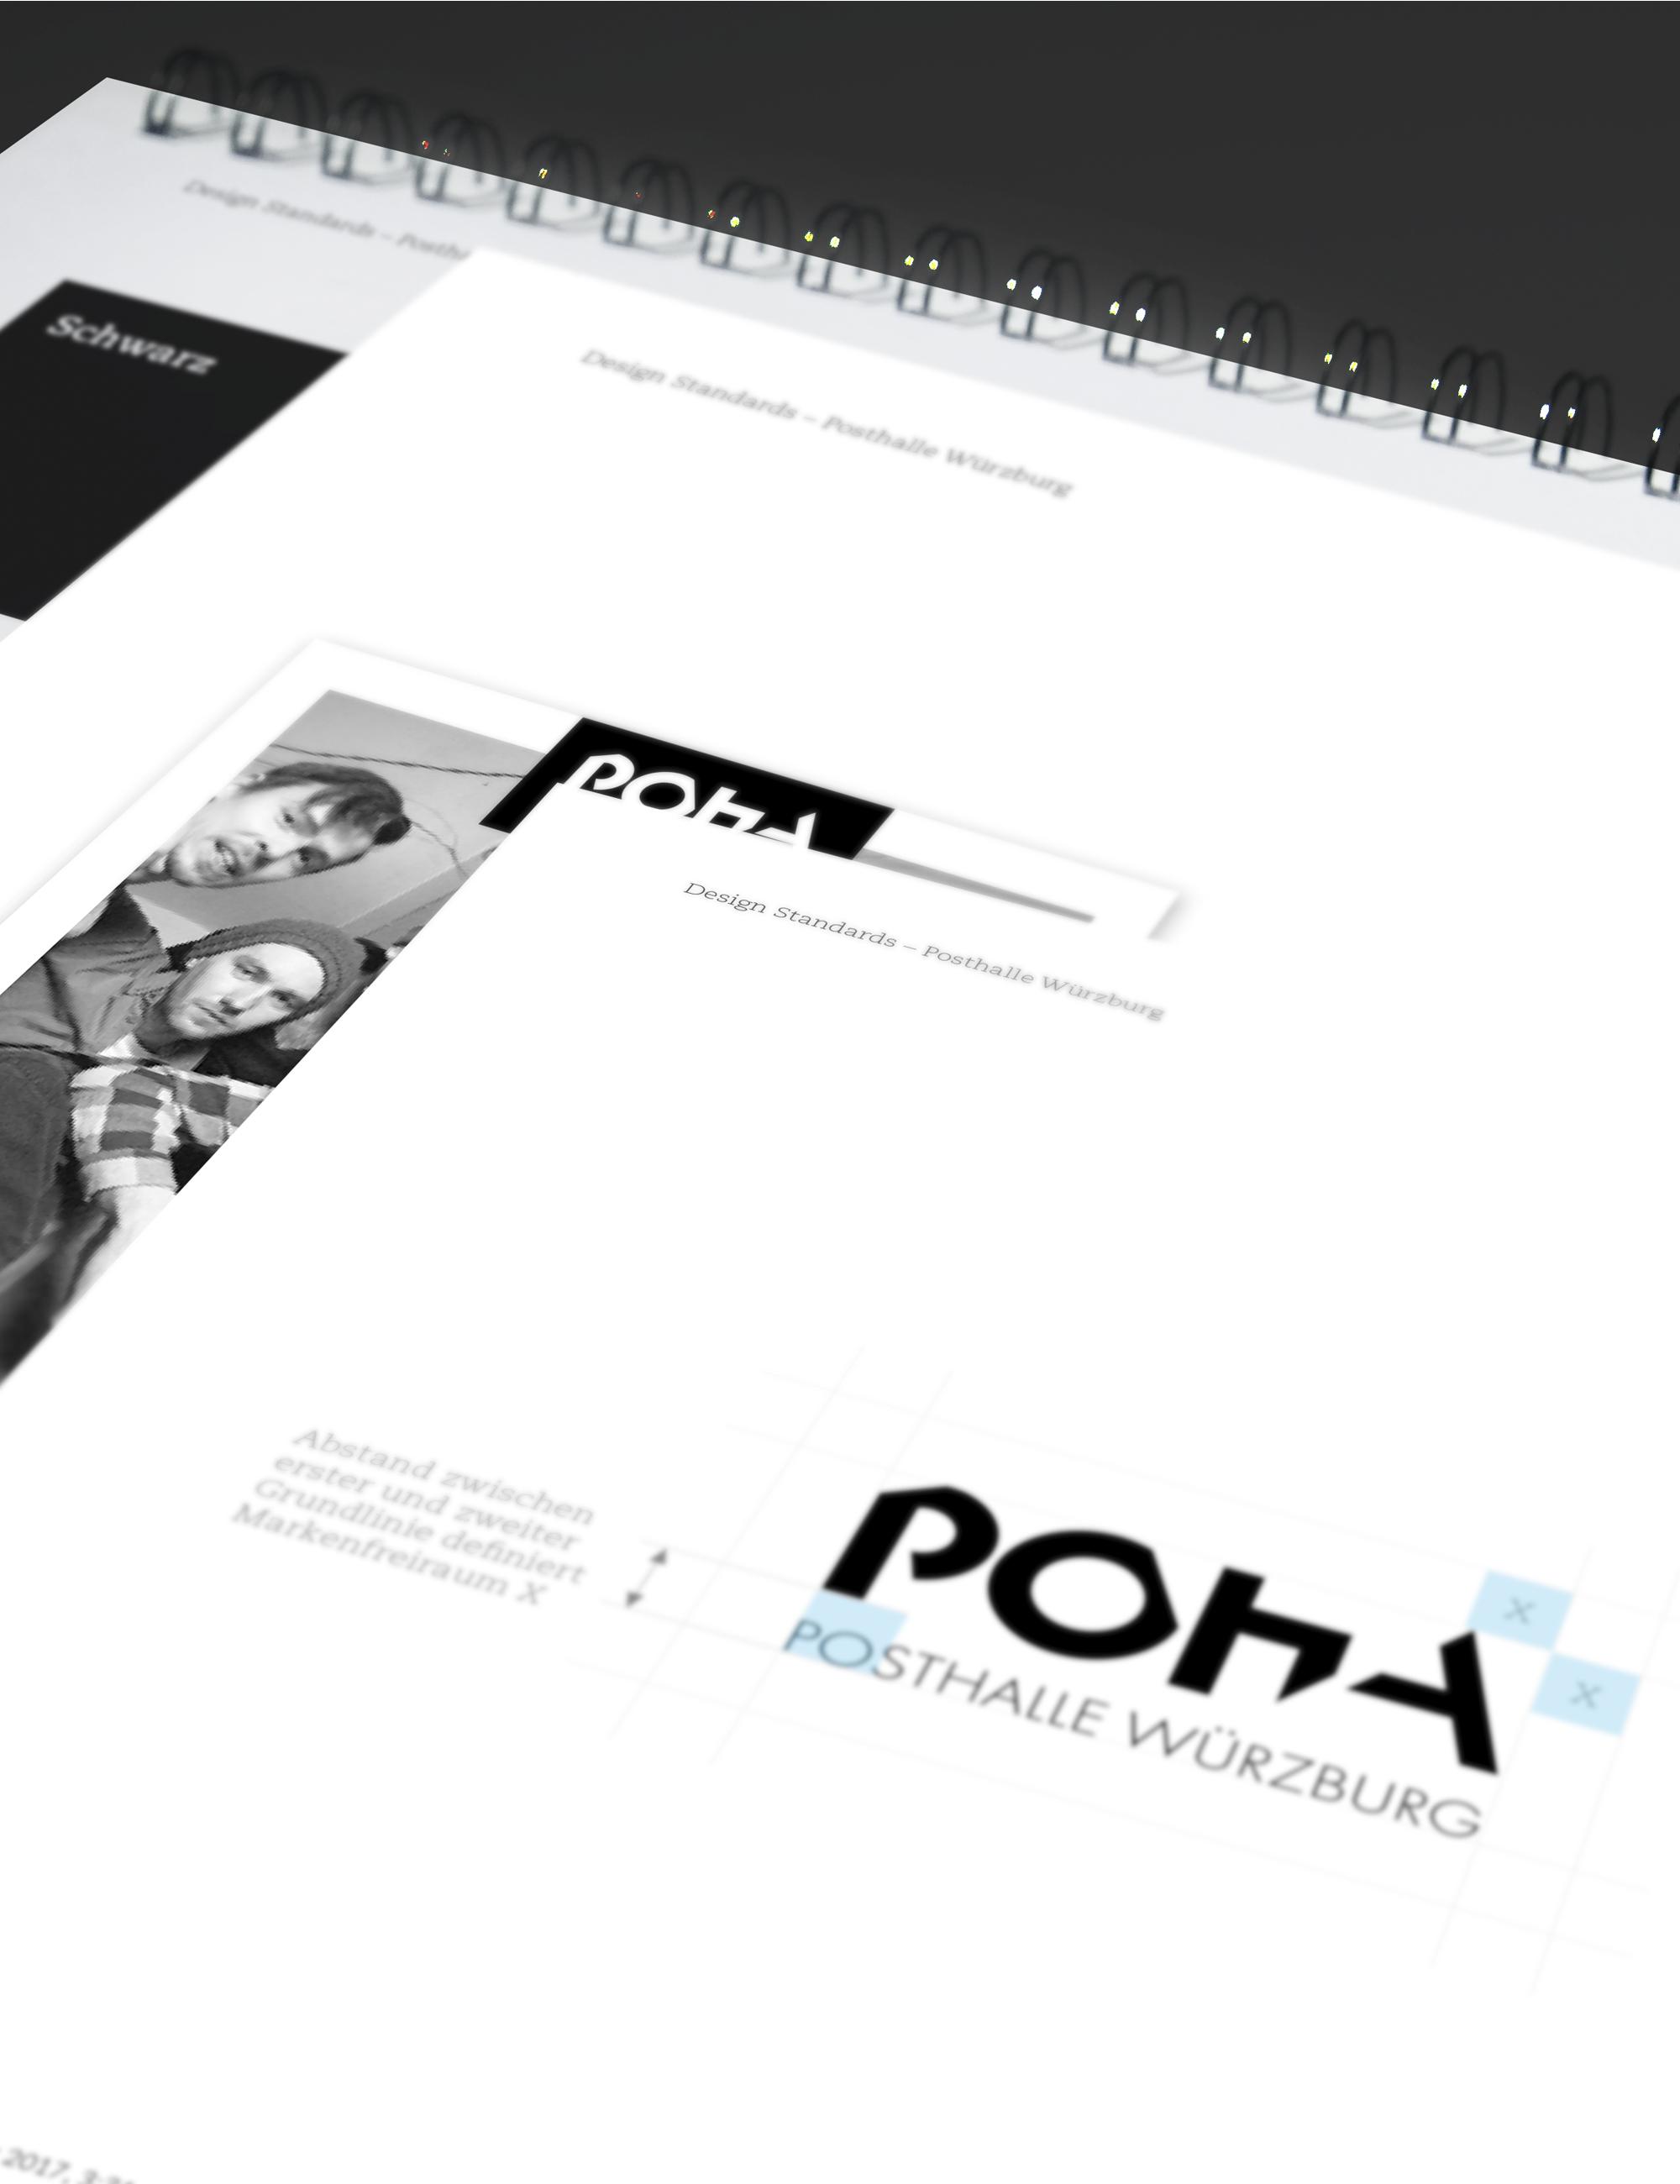 Posthalle Würzburg Logo Styleguide Markenkreation jos büro für Gestaltung Designbüro